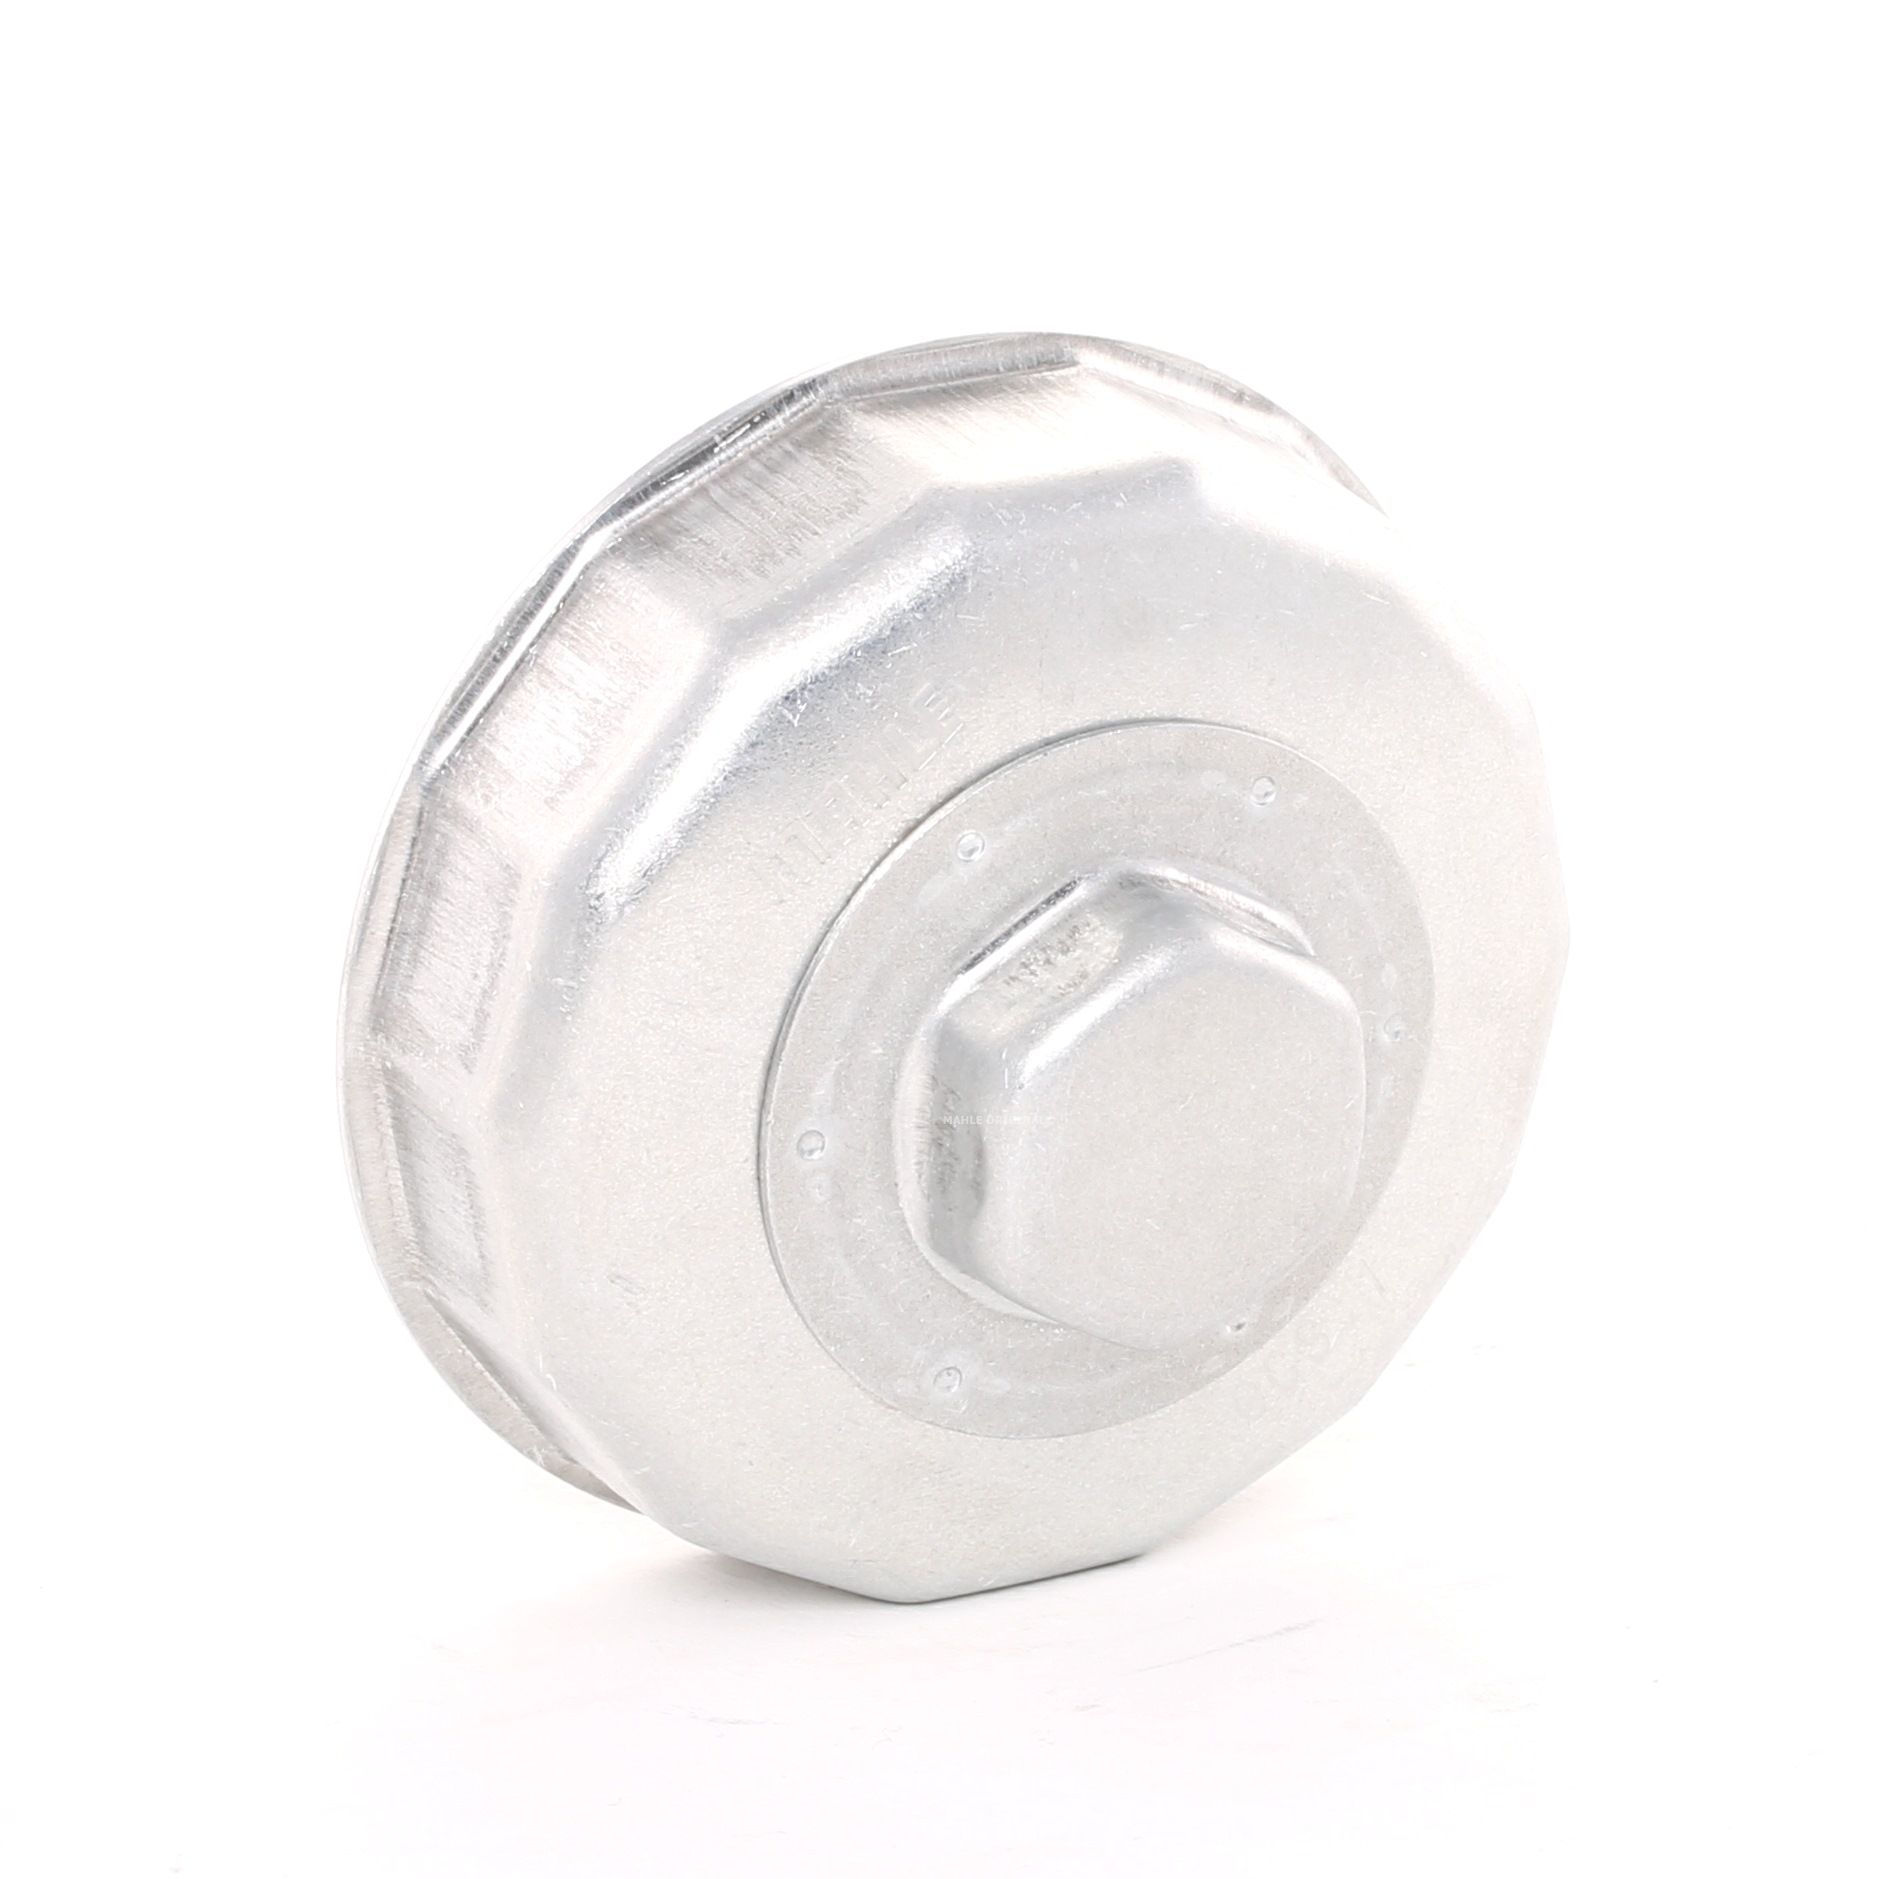 MAHLE ORIGINAL Kljuc za oljni filter OCS 1 po znižani ceni - kupi zdaj!